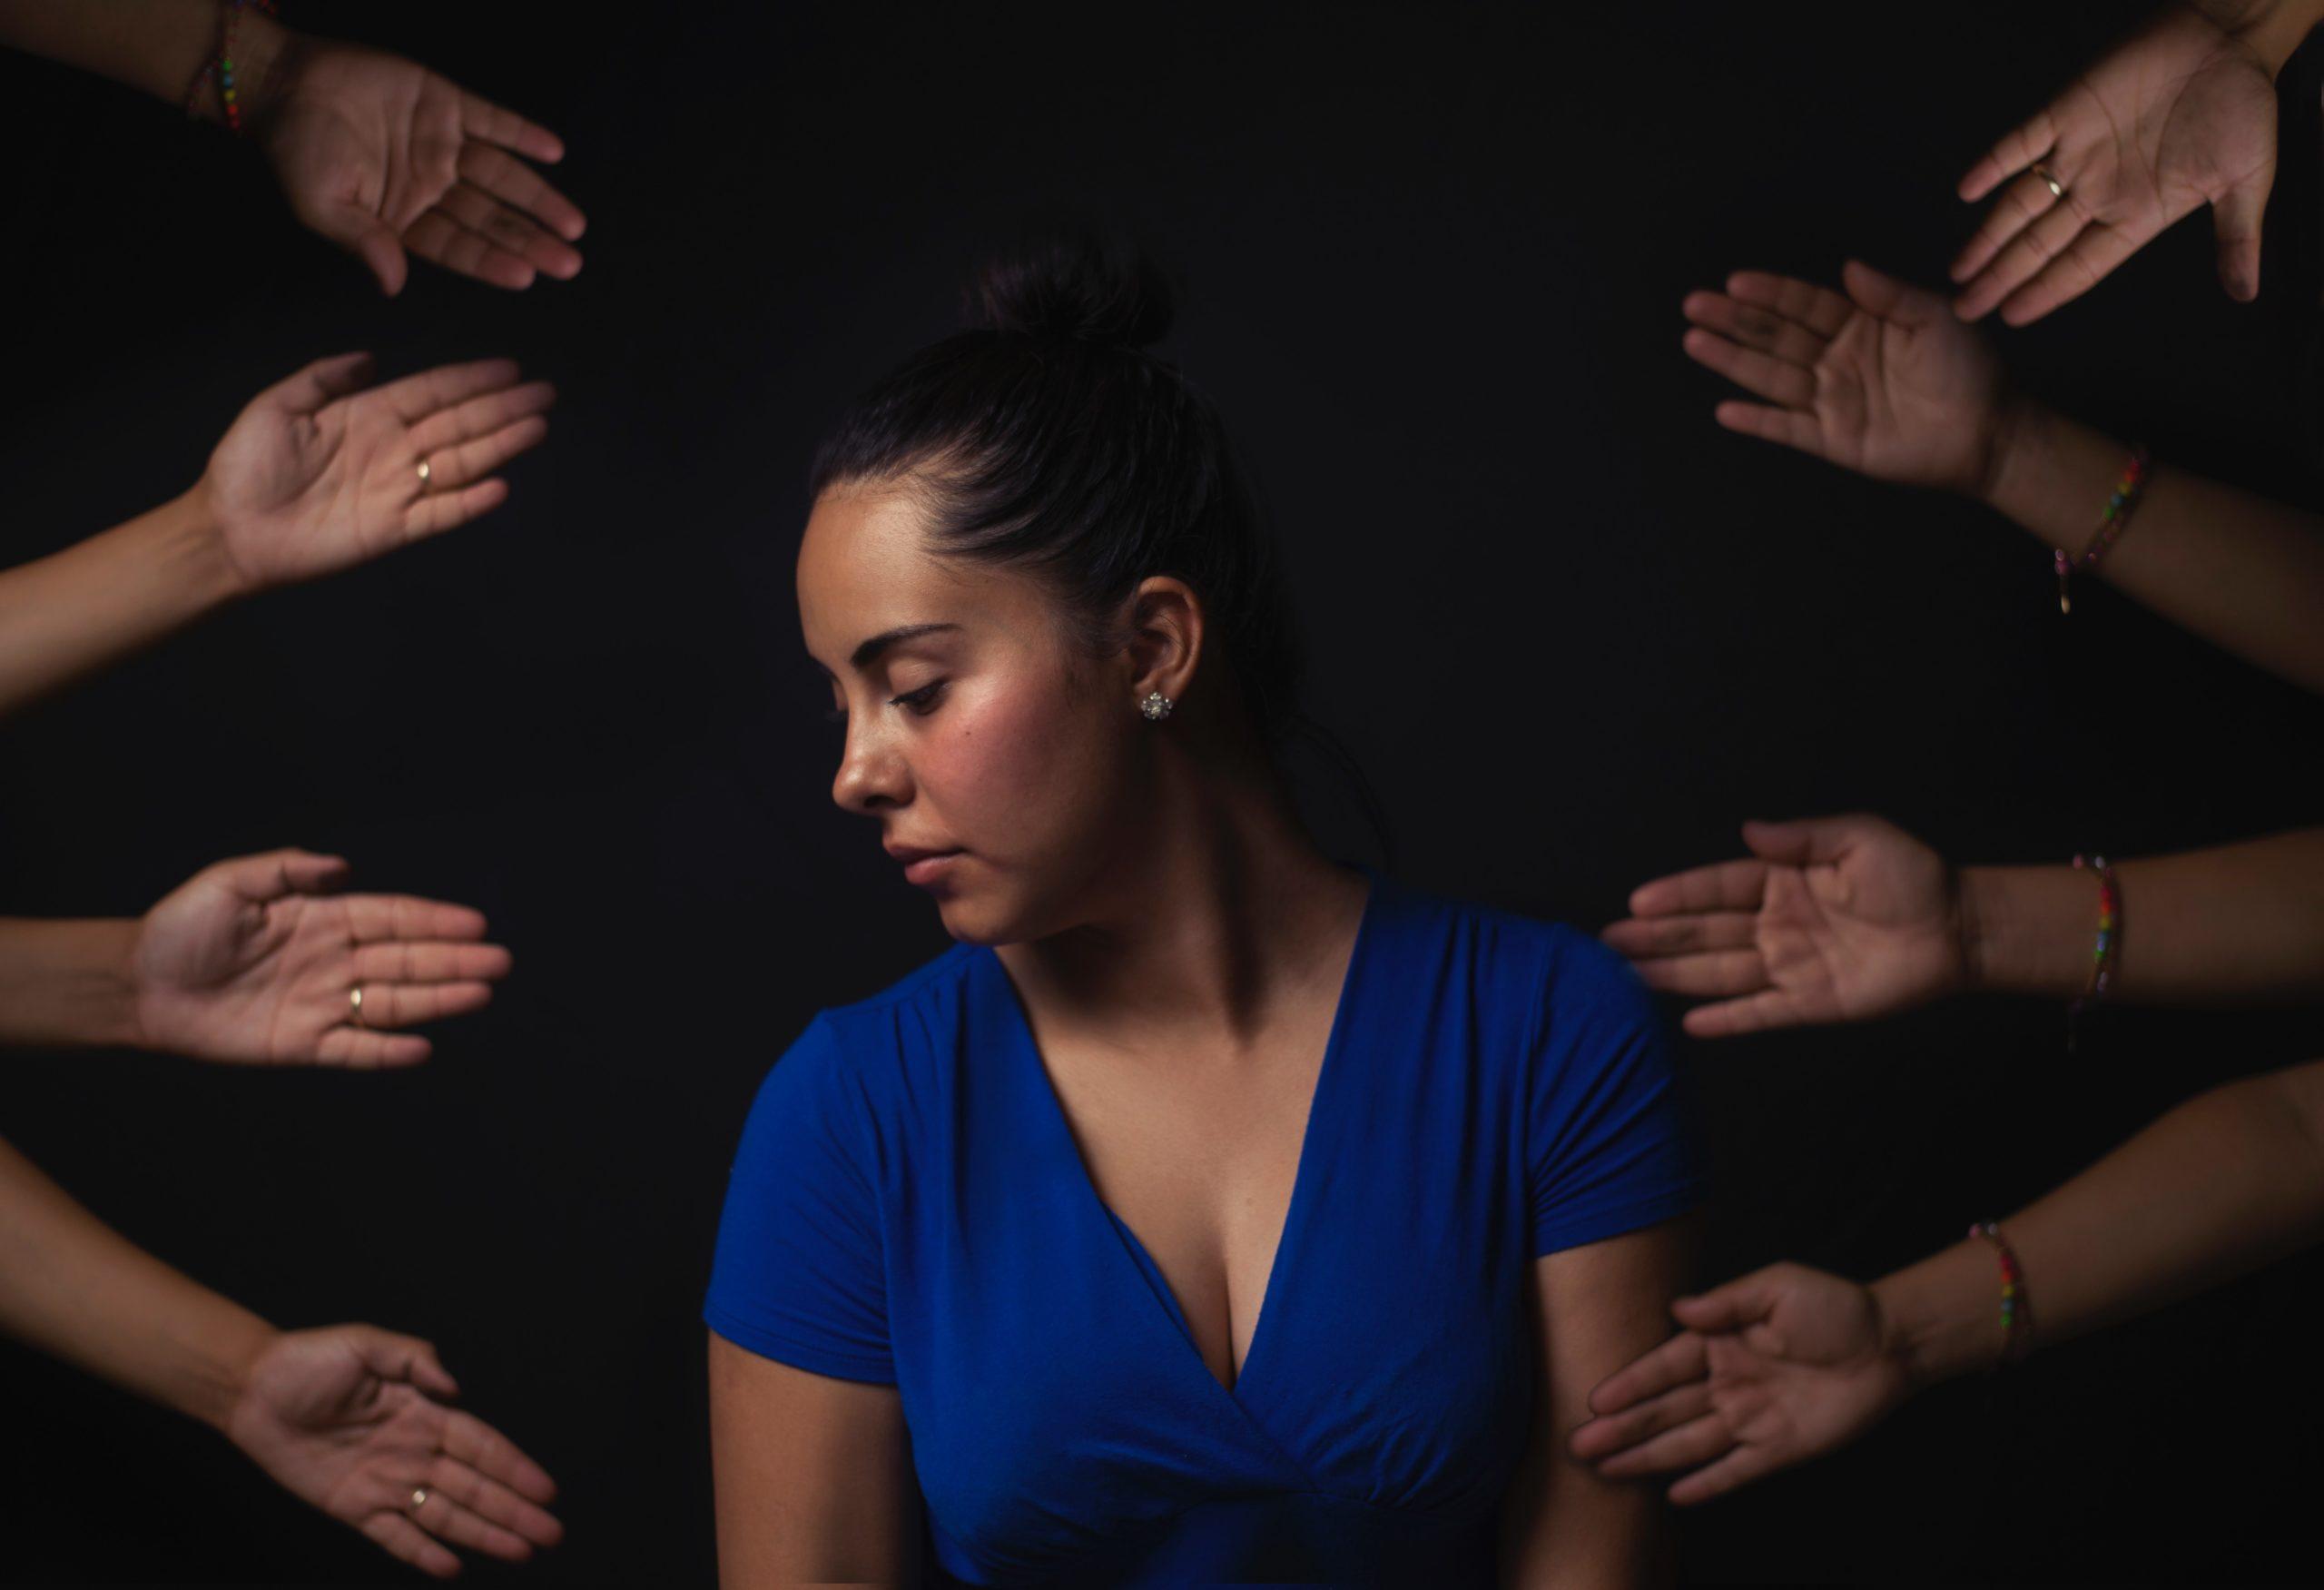 victime de harcèlement